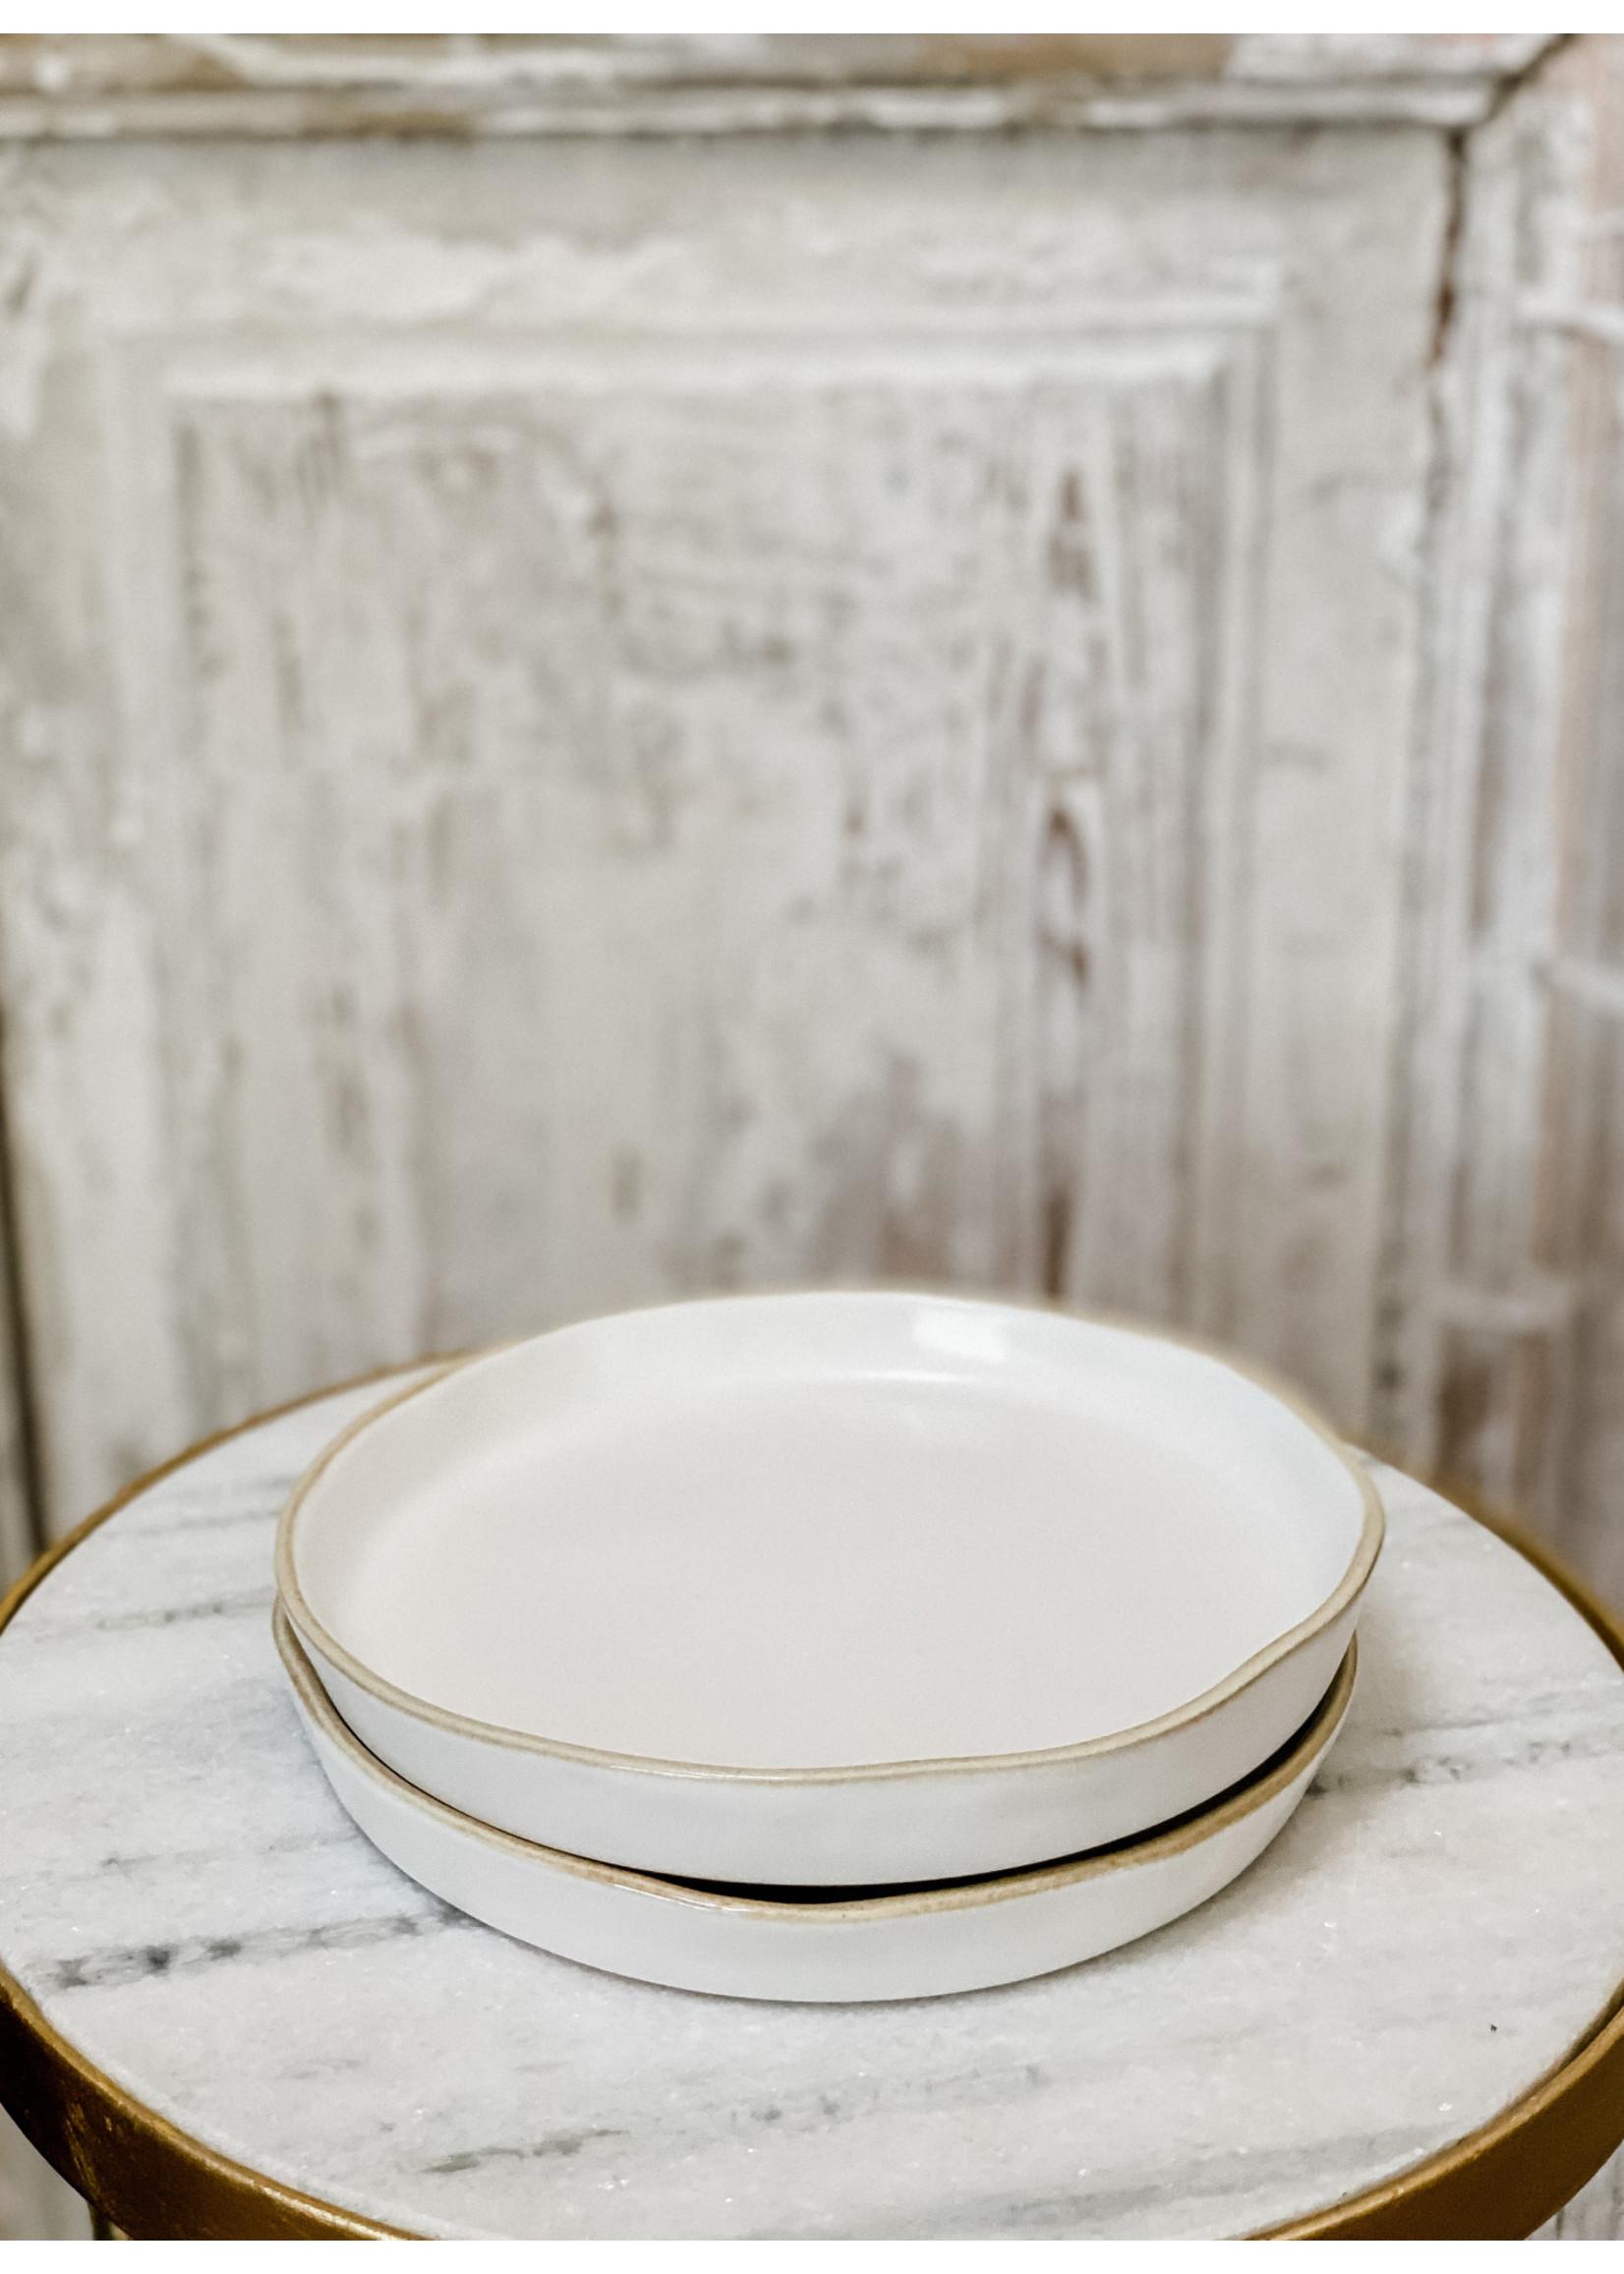 Tan Rim Stoneware Plate - Small